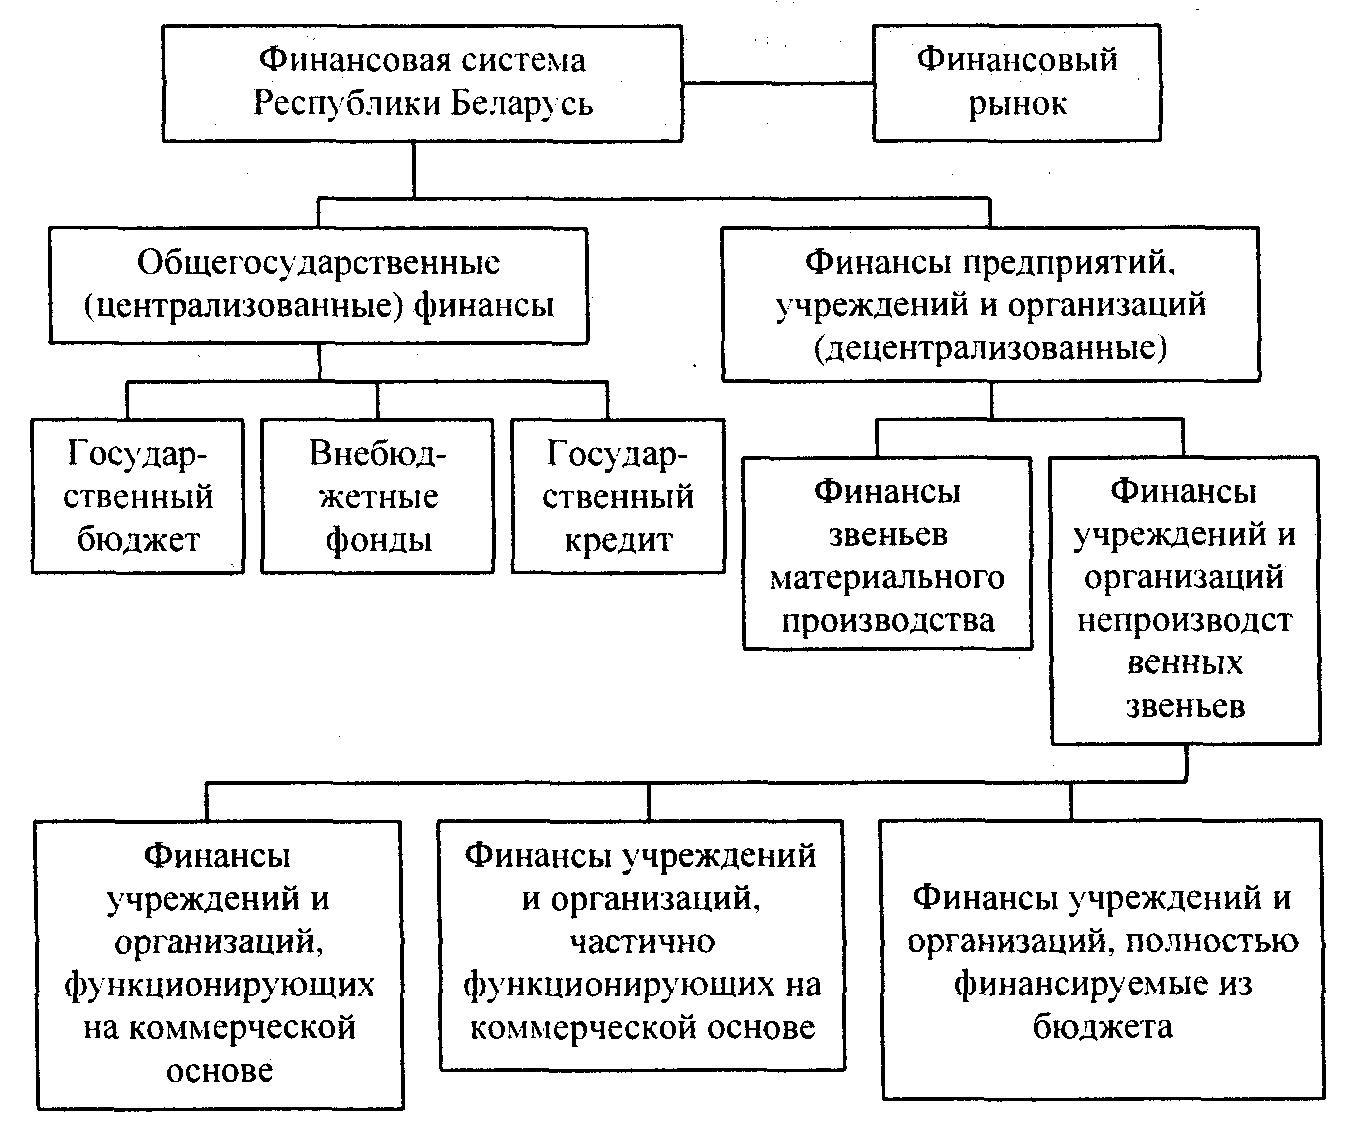 финансовая система республики беларусь шпаргалки